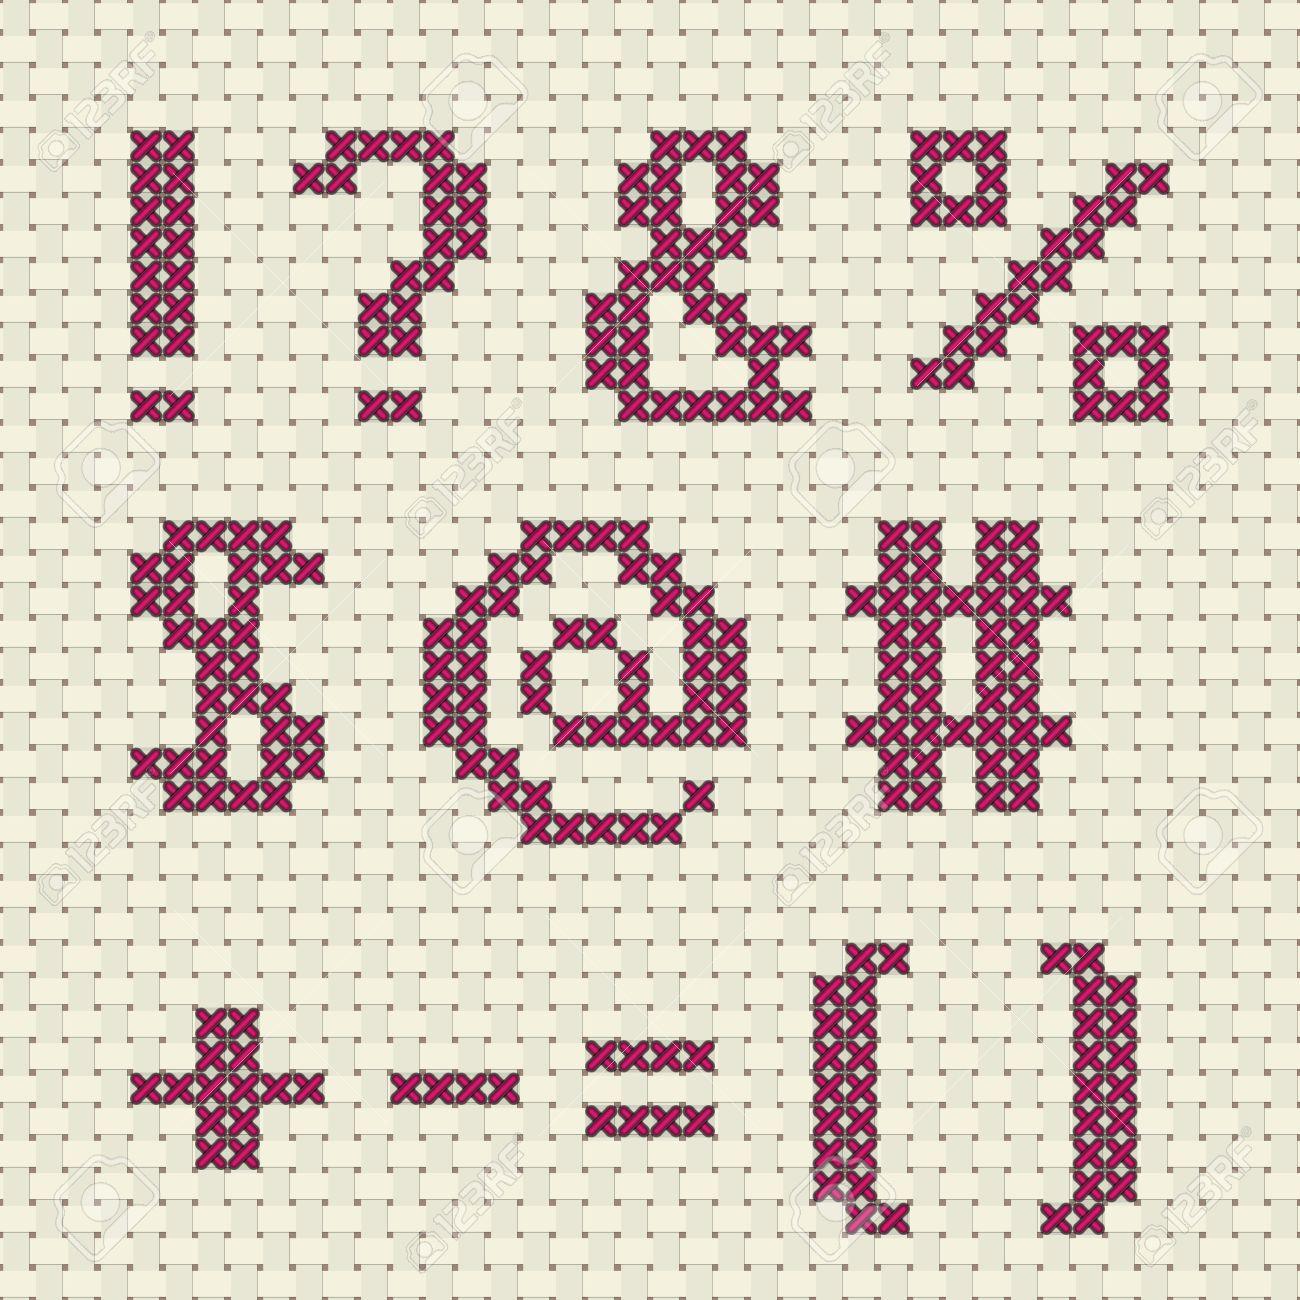 Alphabet Et Numero Dans Le Modele De Point De Croix Clip Art Libres De Droits Vecteurs Et Illustration Image 65741764